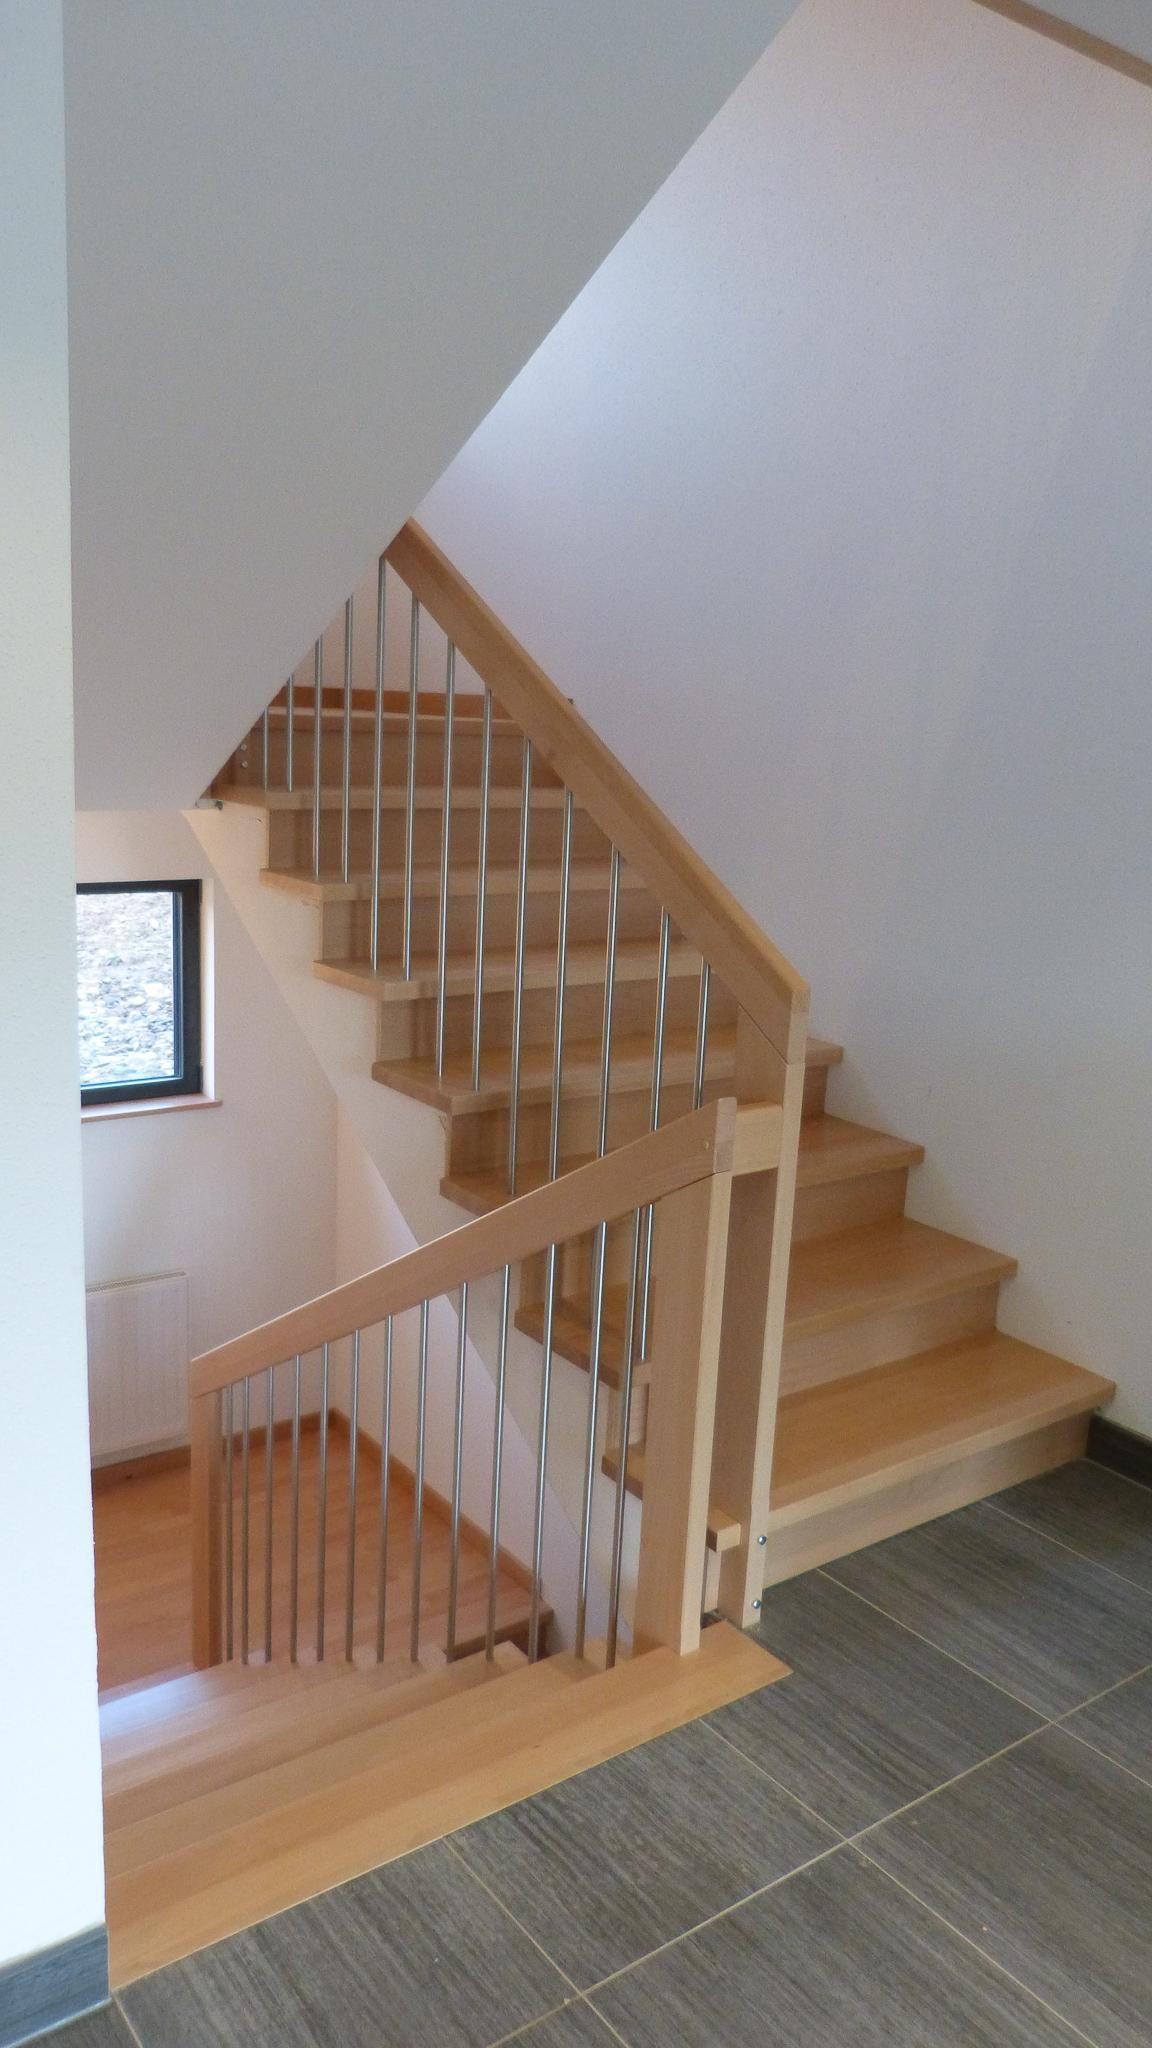 Escaliers Barb : Escaliers bois modernes contemporains rustiques ...